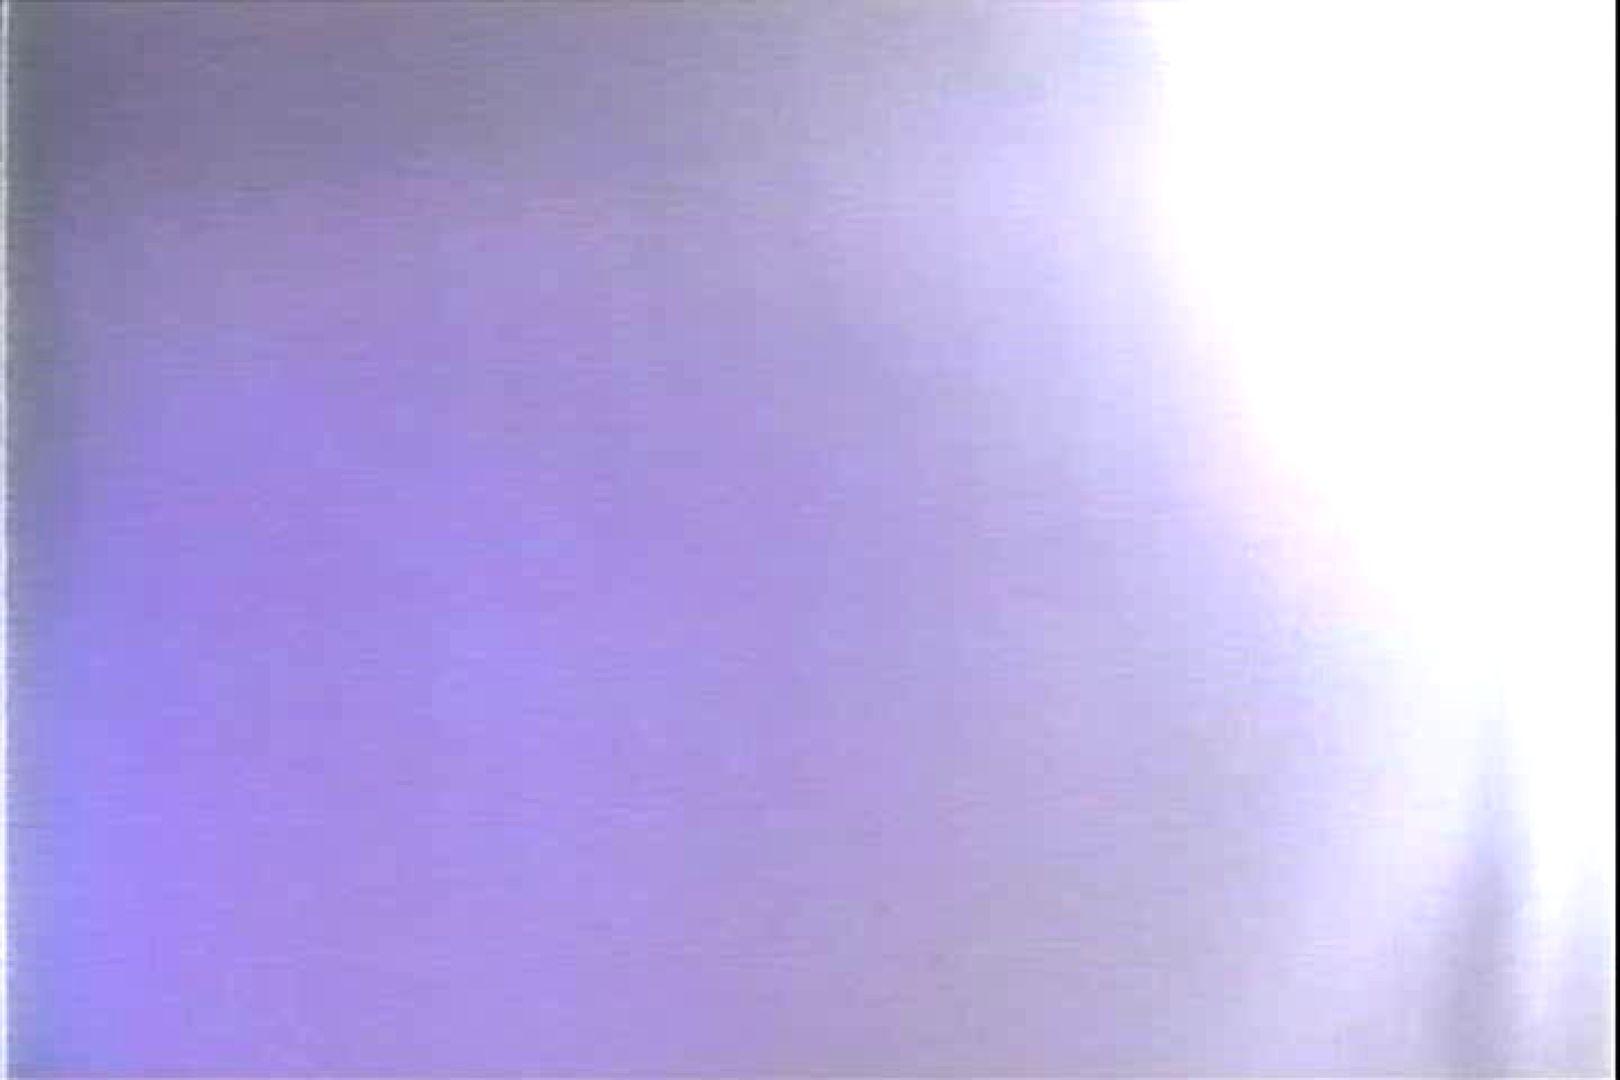 「ちくりん」さんのオリジナル未編集パンチラVol.6_02 OLヌード天国  98PIX 39